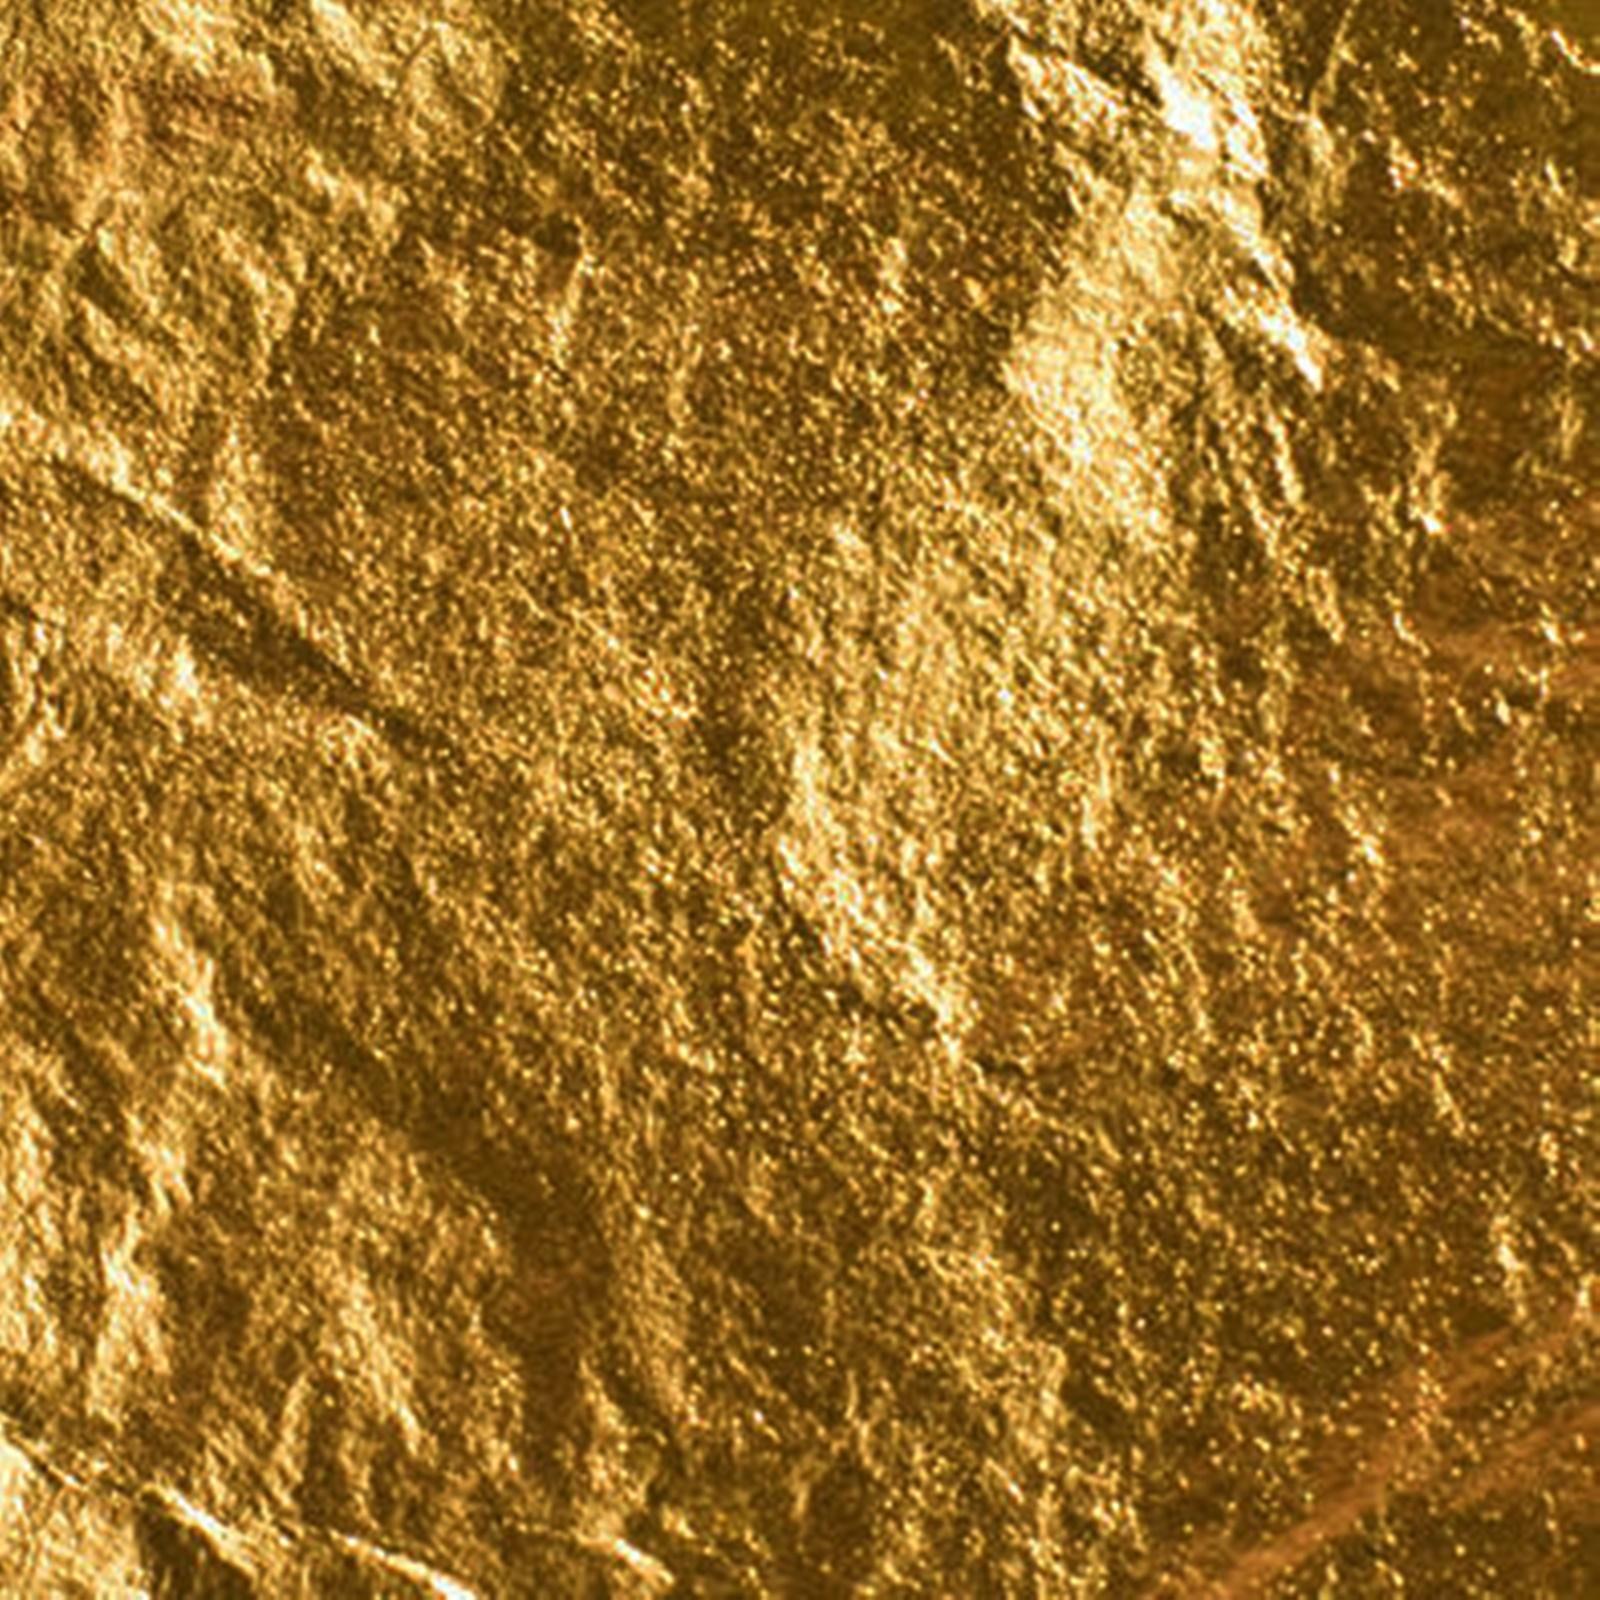 aur ducal - ducat gold